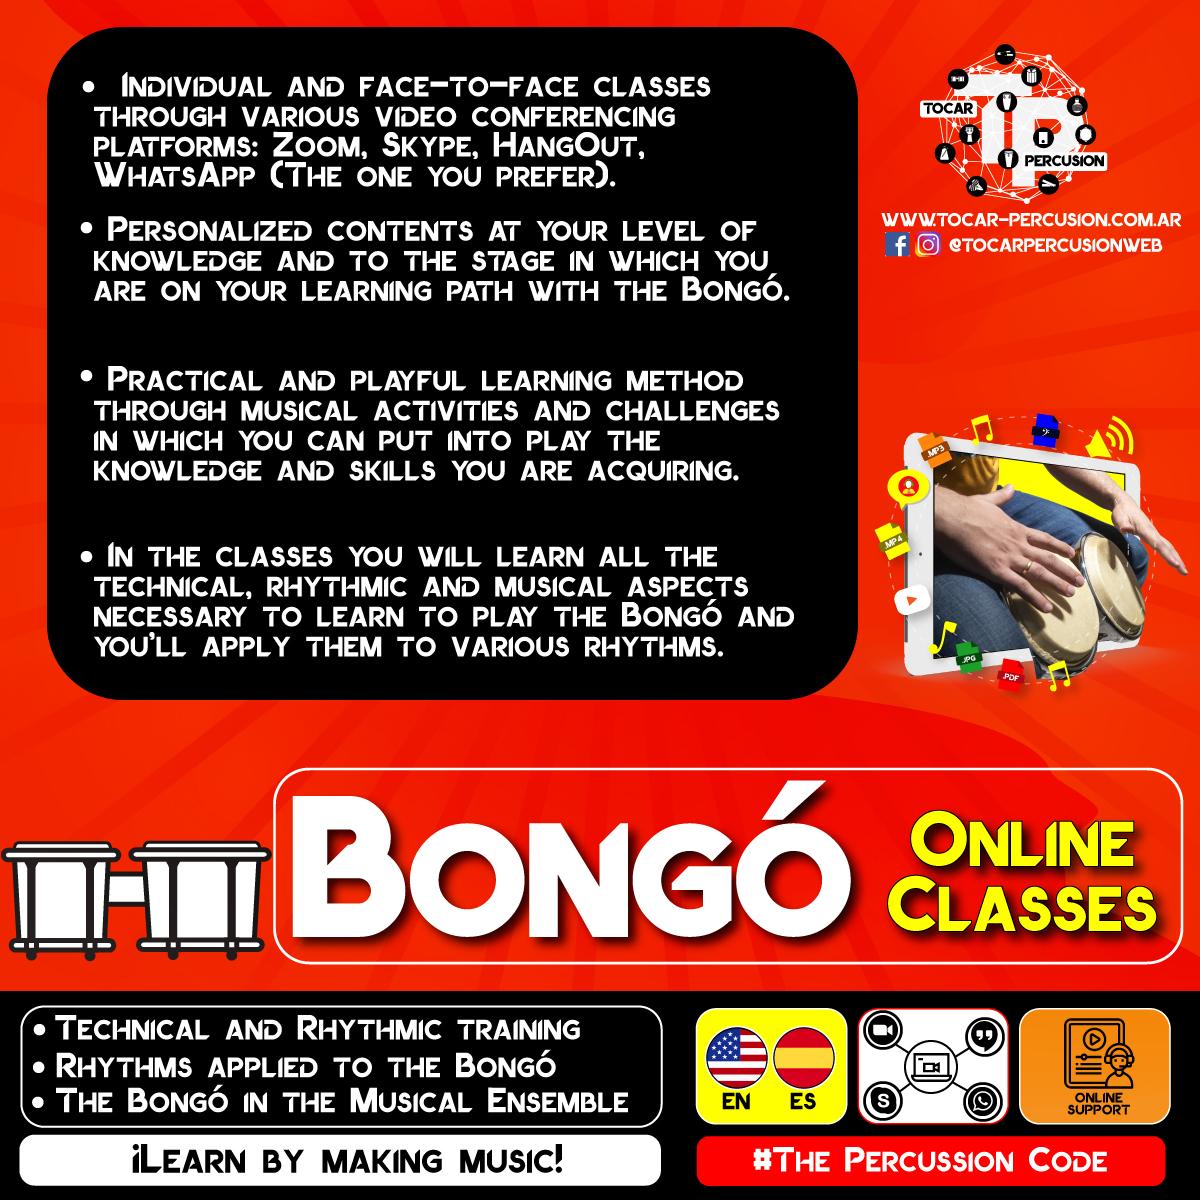 Tocar-Percusion-Clases-Online-Bongo-ESP-2